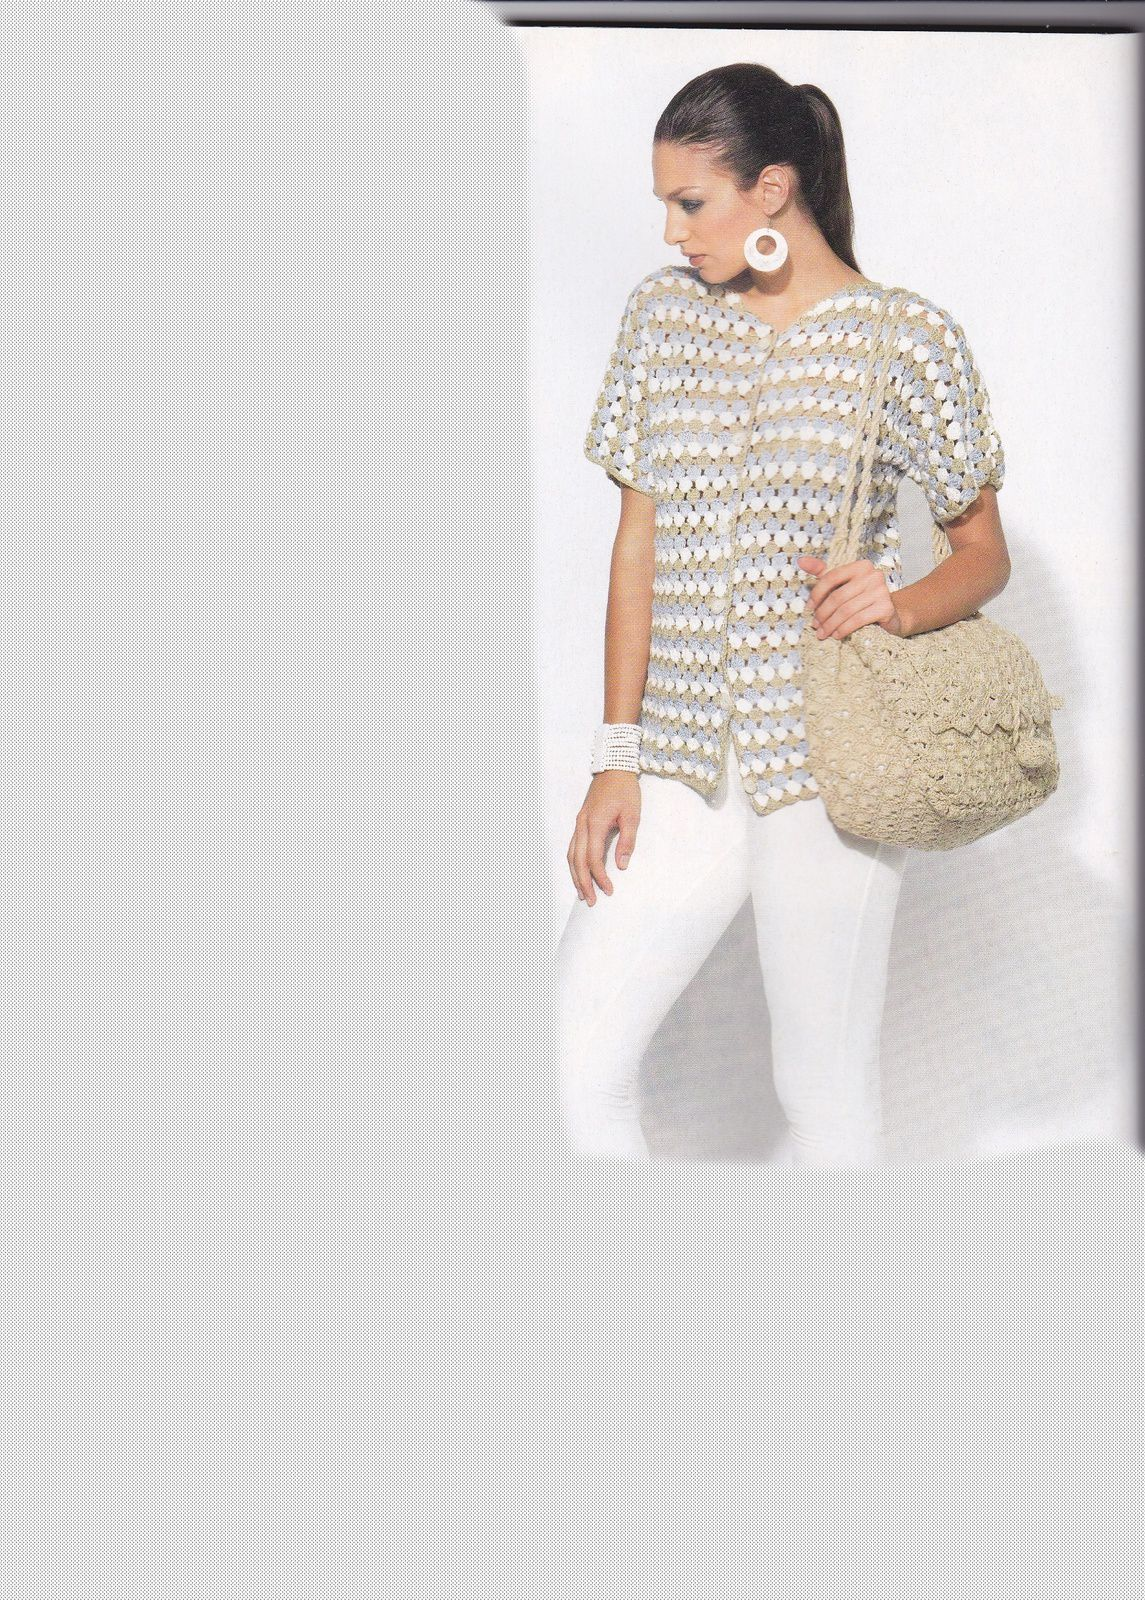 Modèle Gratuit Gilet Femme Au Crochettuto Explications